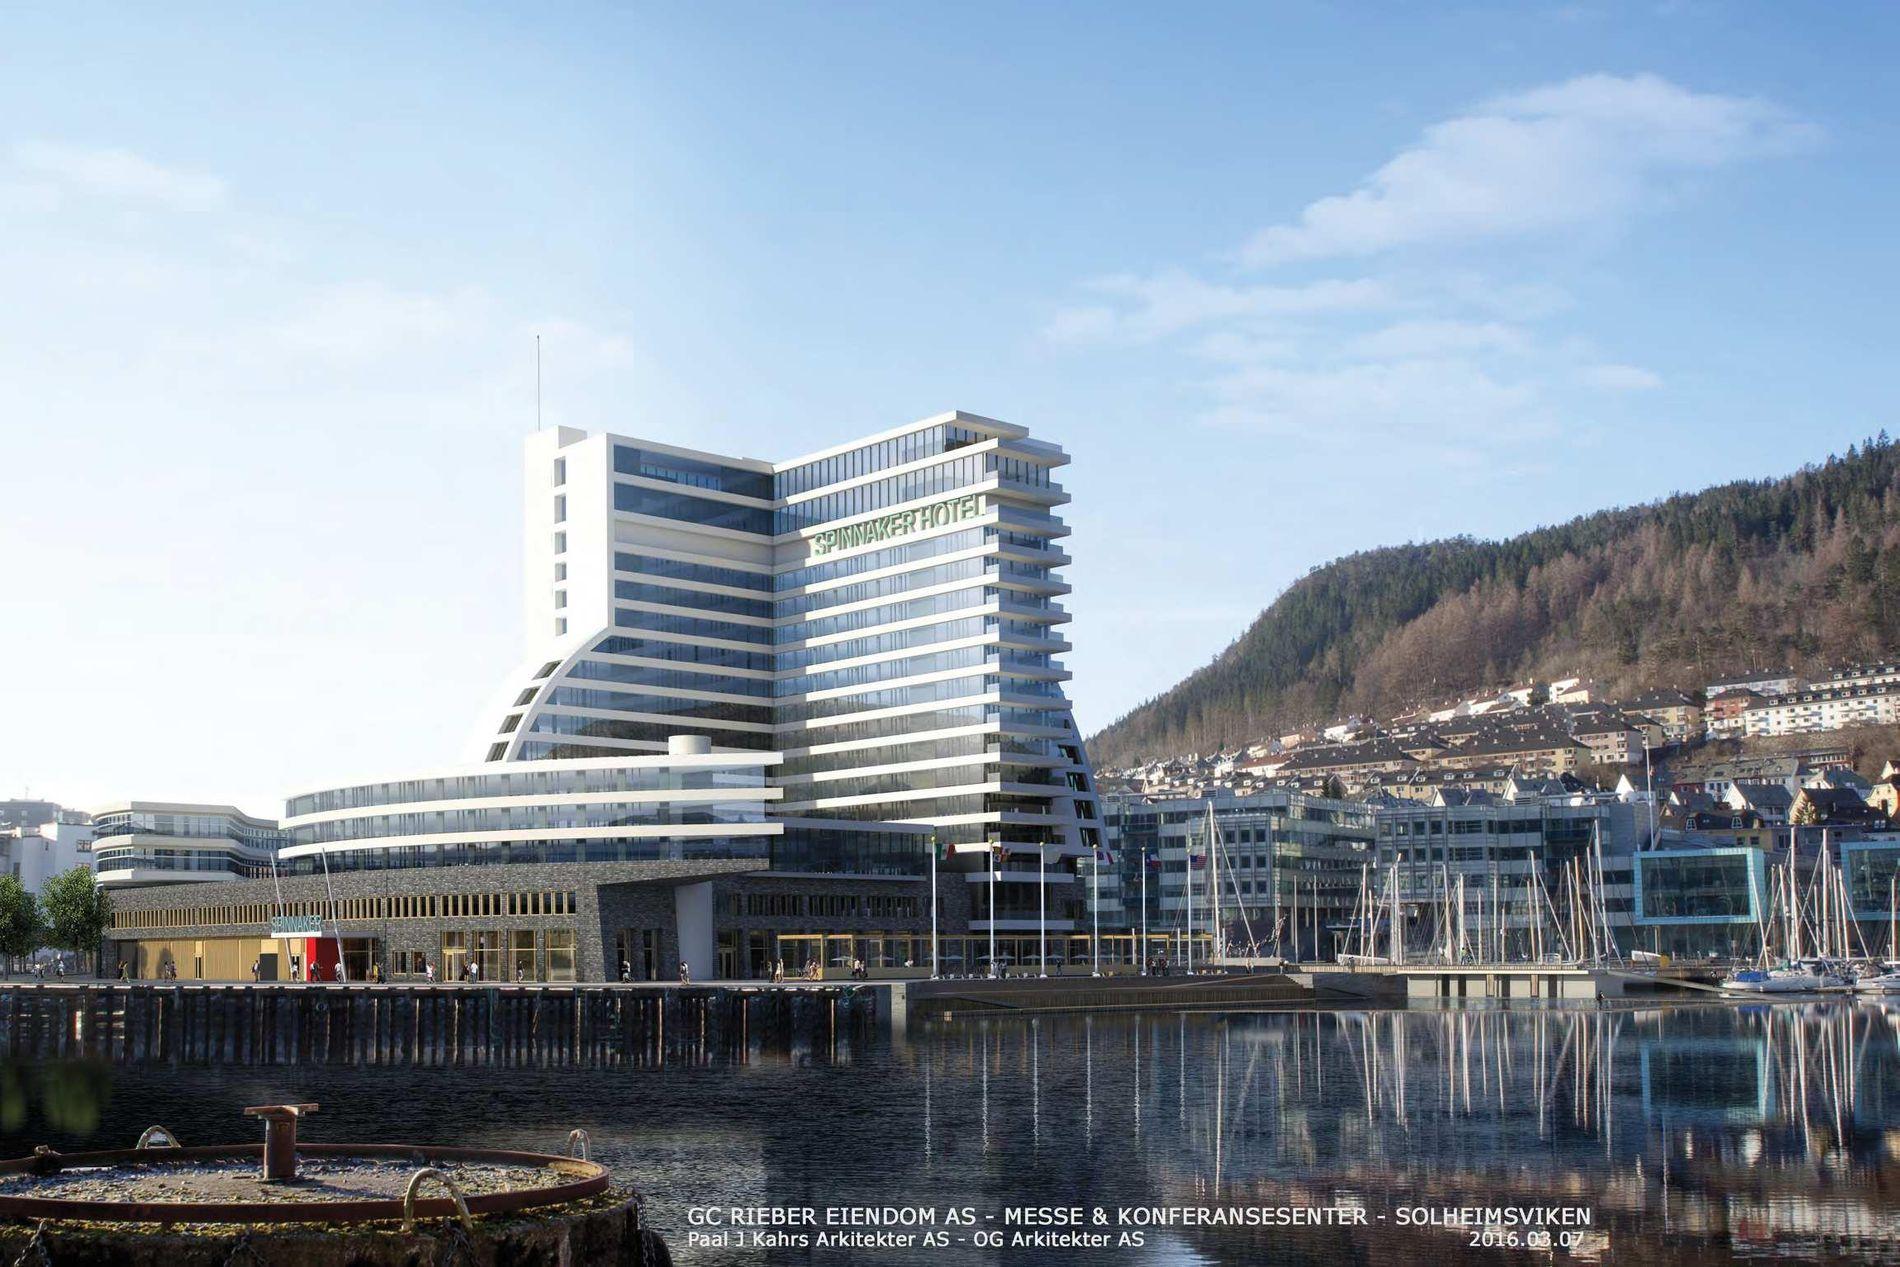 SPINNAKER HOTEL: Dette er konferansesenteret og -hotellet GC Rieber Eiendom ønsker å bygge innerst i Solheimsviken. ILLUSTRASJON: Paal J Kahrs Arkitekter og OG Arkitekter